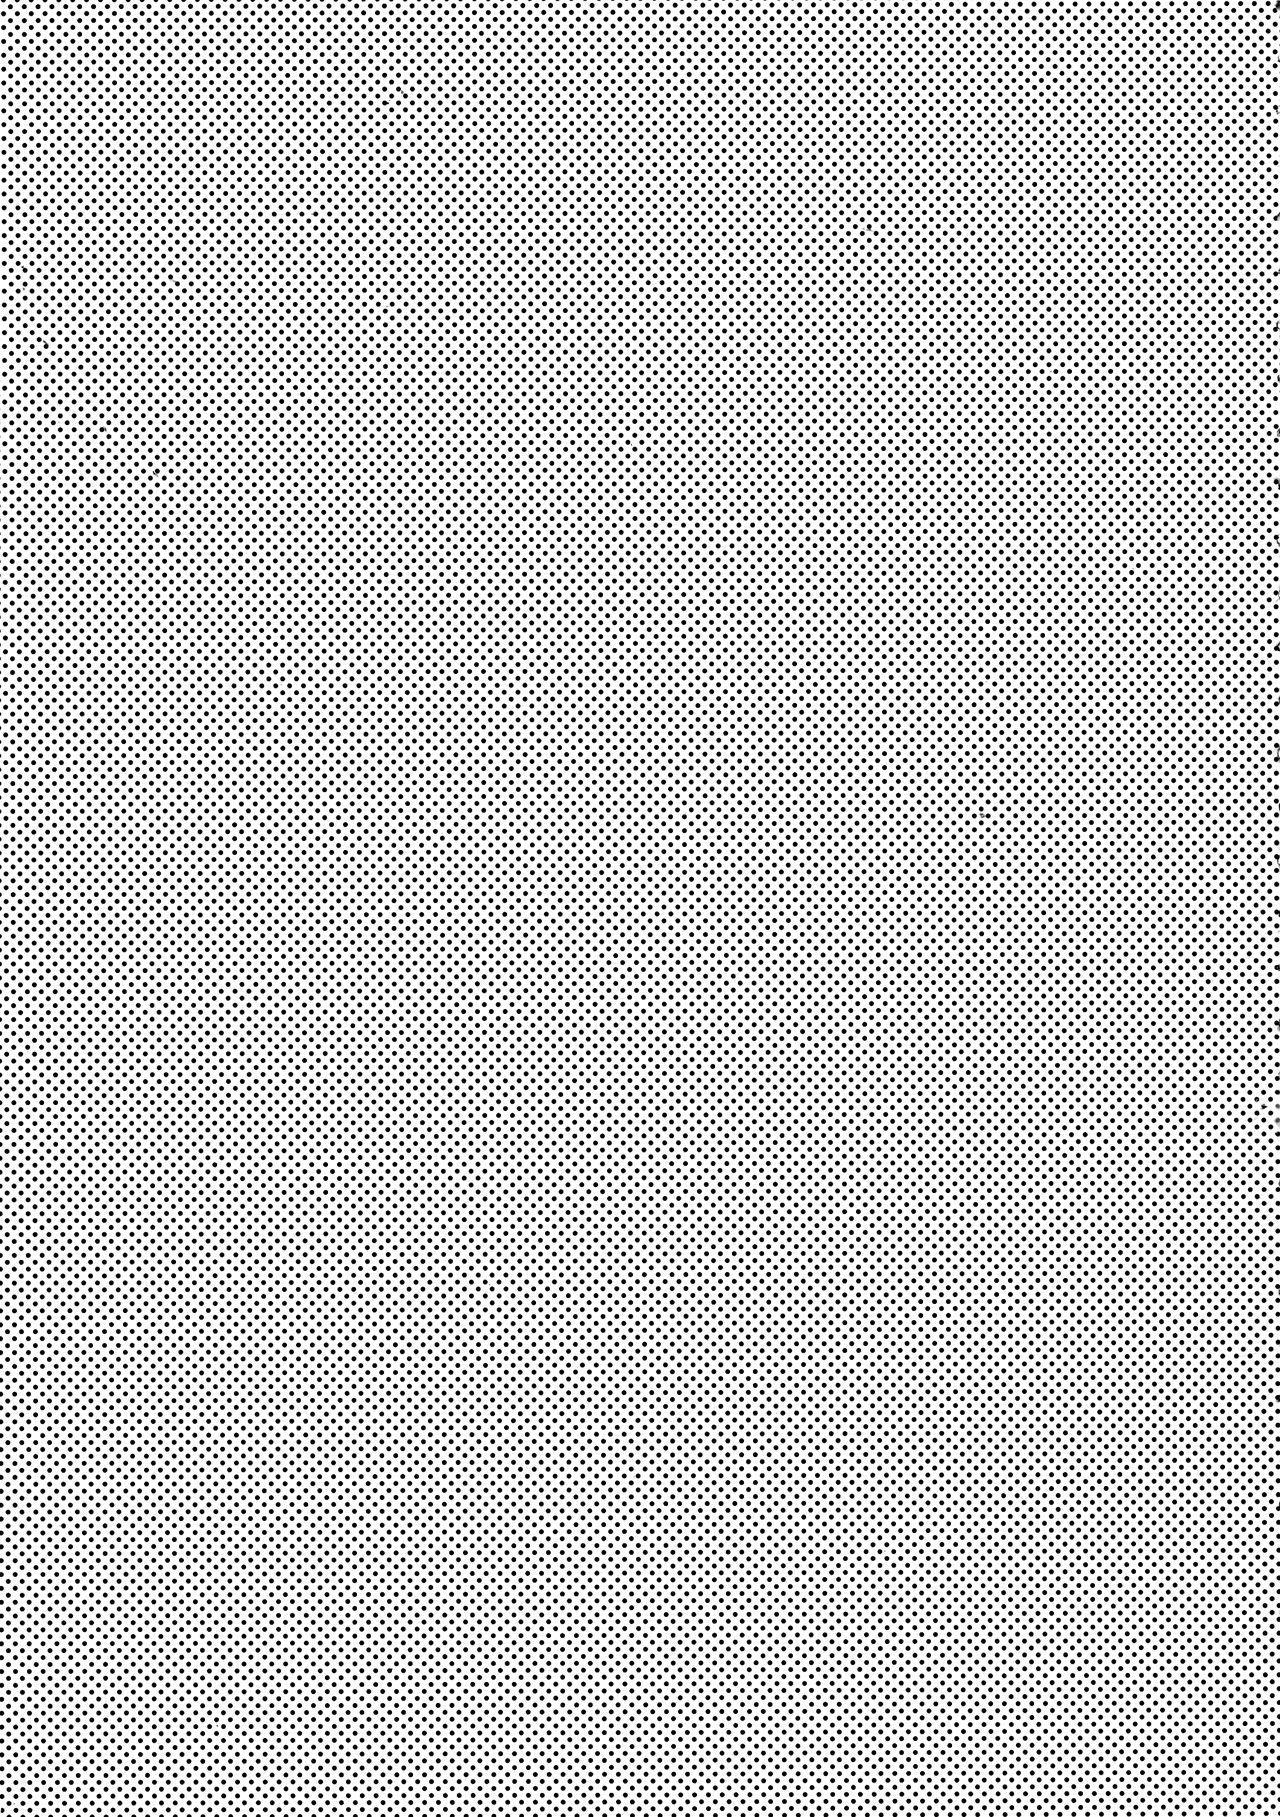 (C95) [Hachimitsu Romance (Eno Yukimi)] Drang to Sturm-dono ga OneShotax Suru Hon | Drang and Sturm-dono Oneshota Sex Book (Granblue Fantasy) [English] {RedLantern} 6